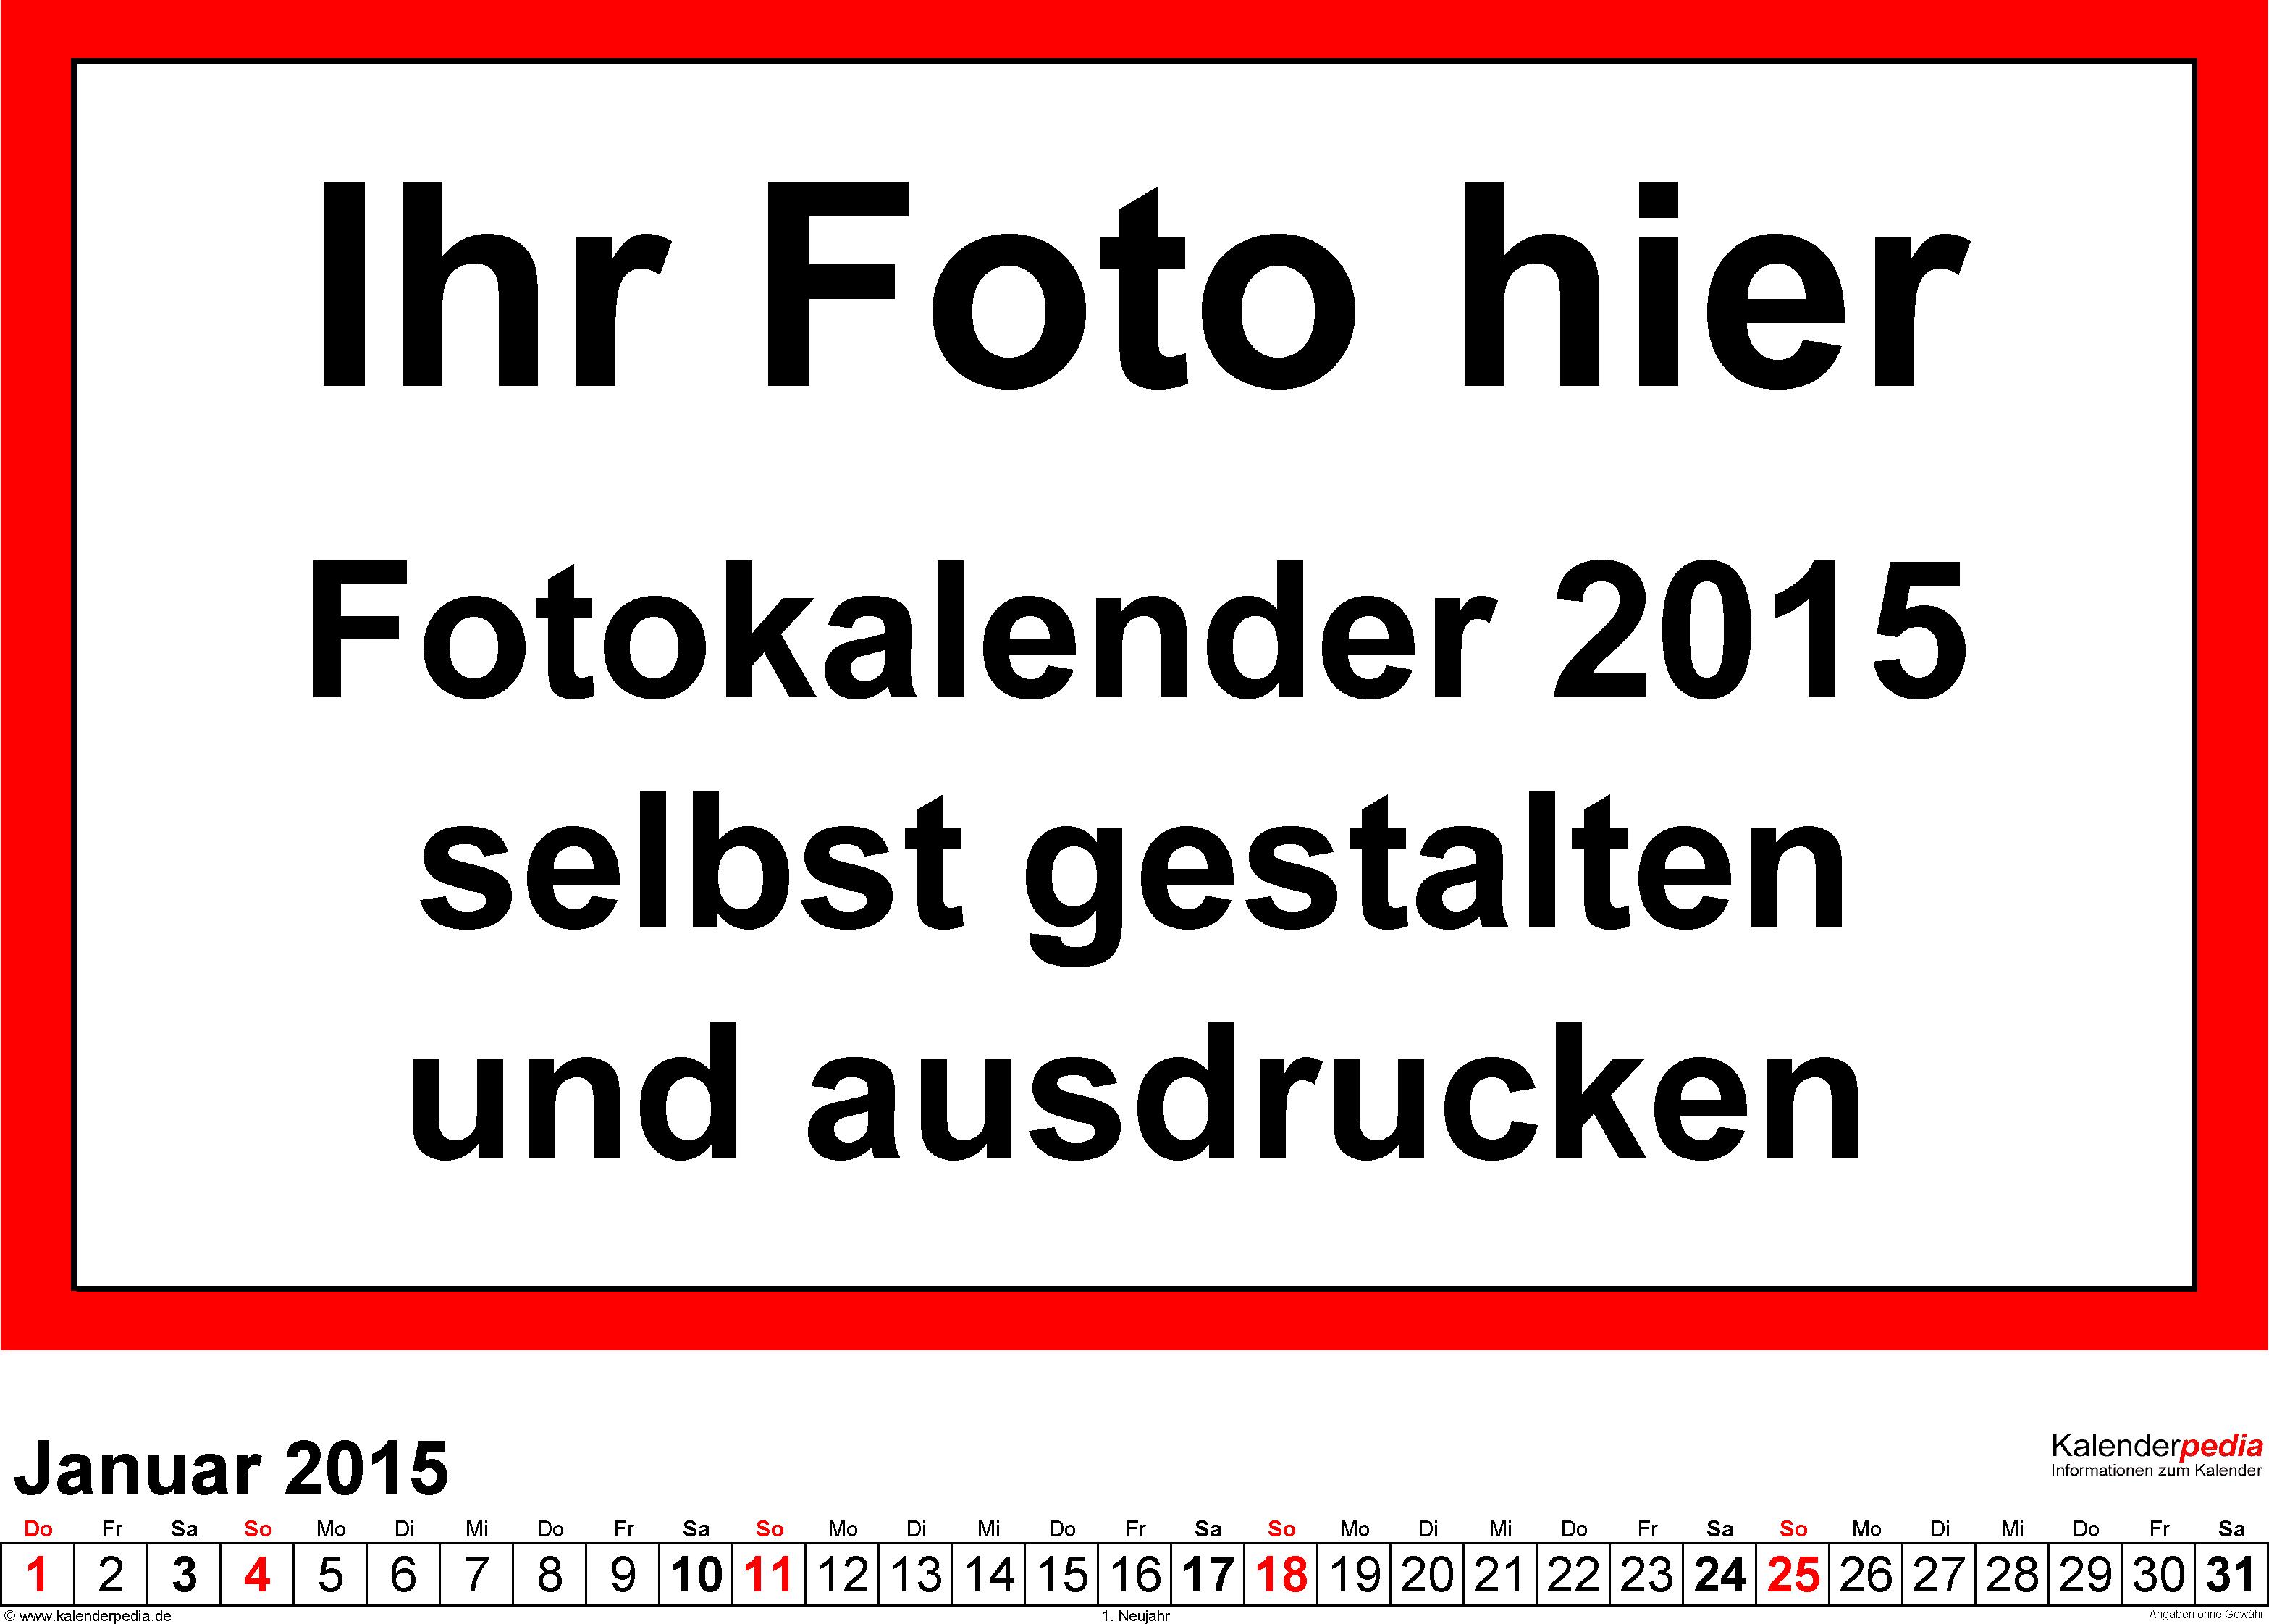 Vorlage 5: Word-Vorlage für Fotokalender 2015 (Querformat)